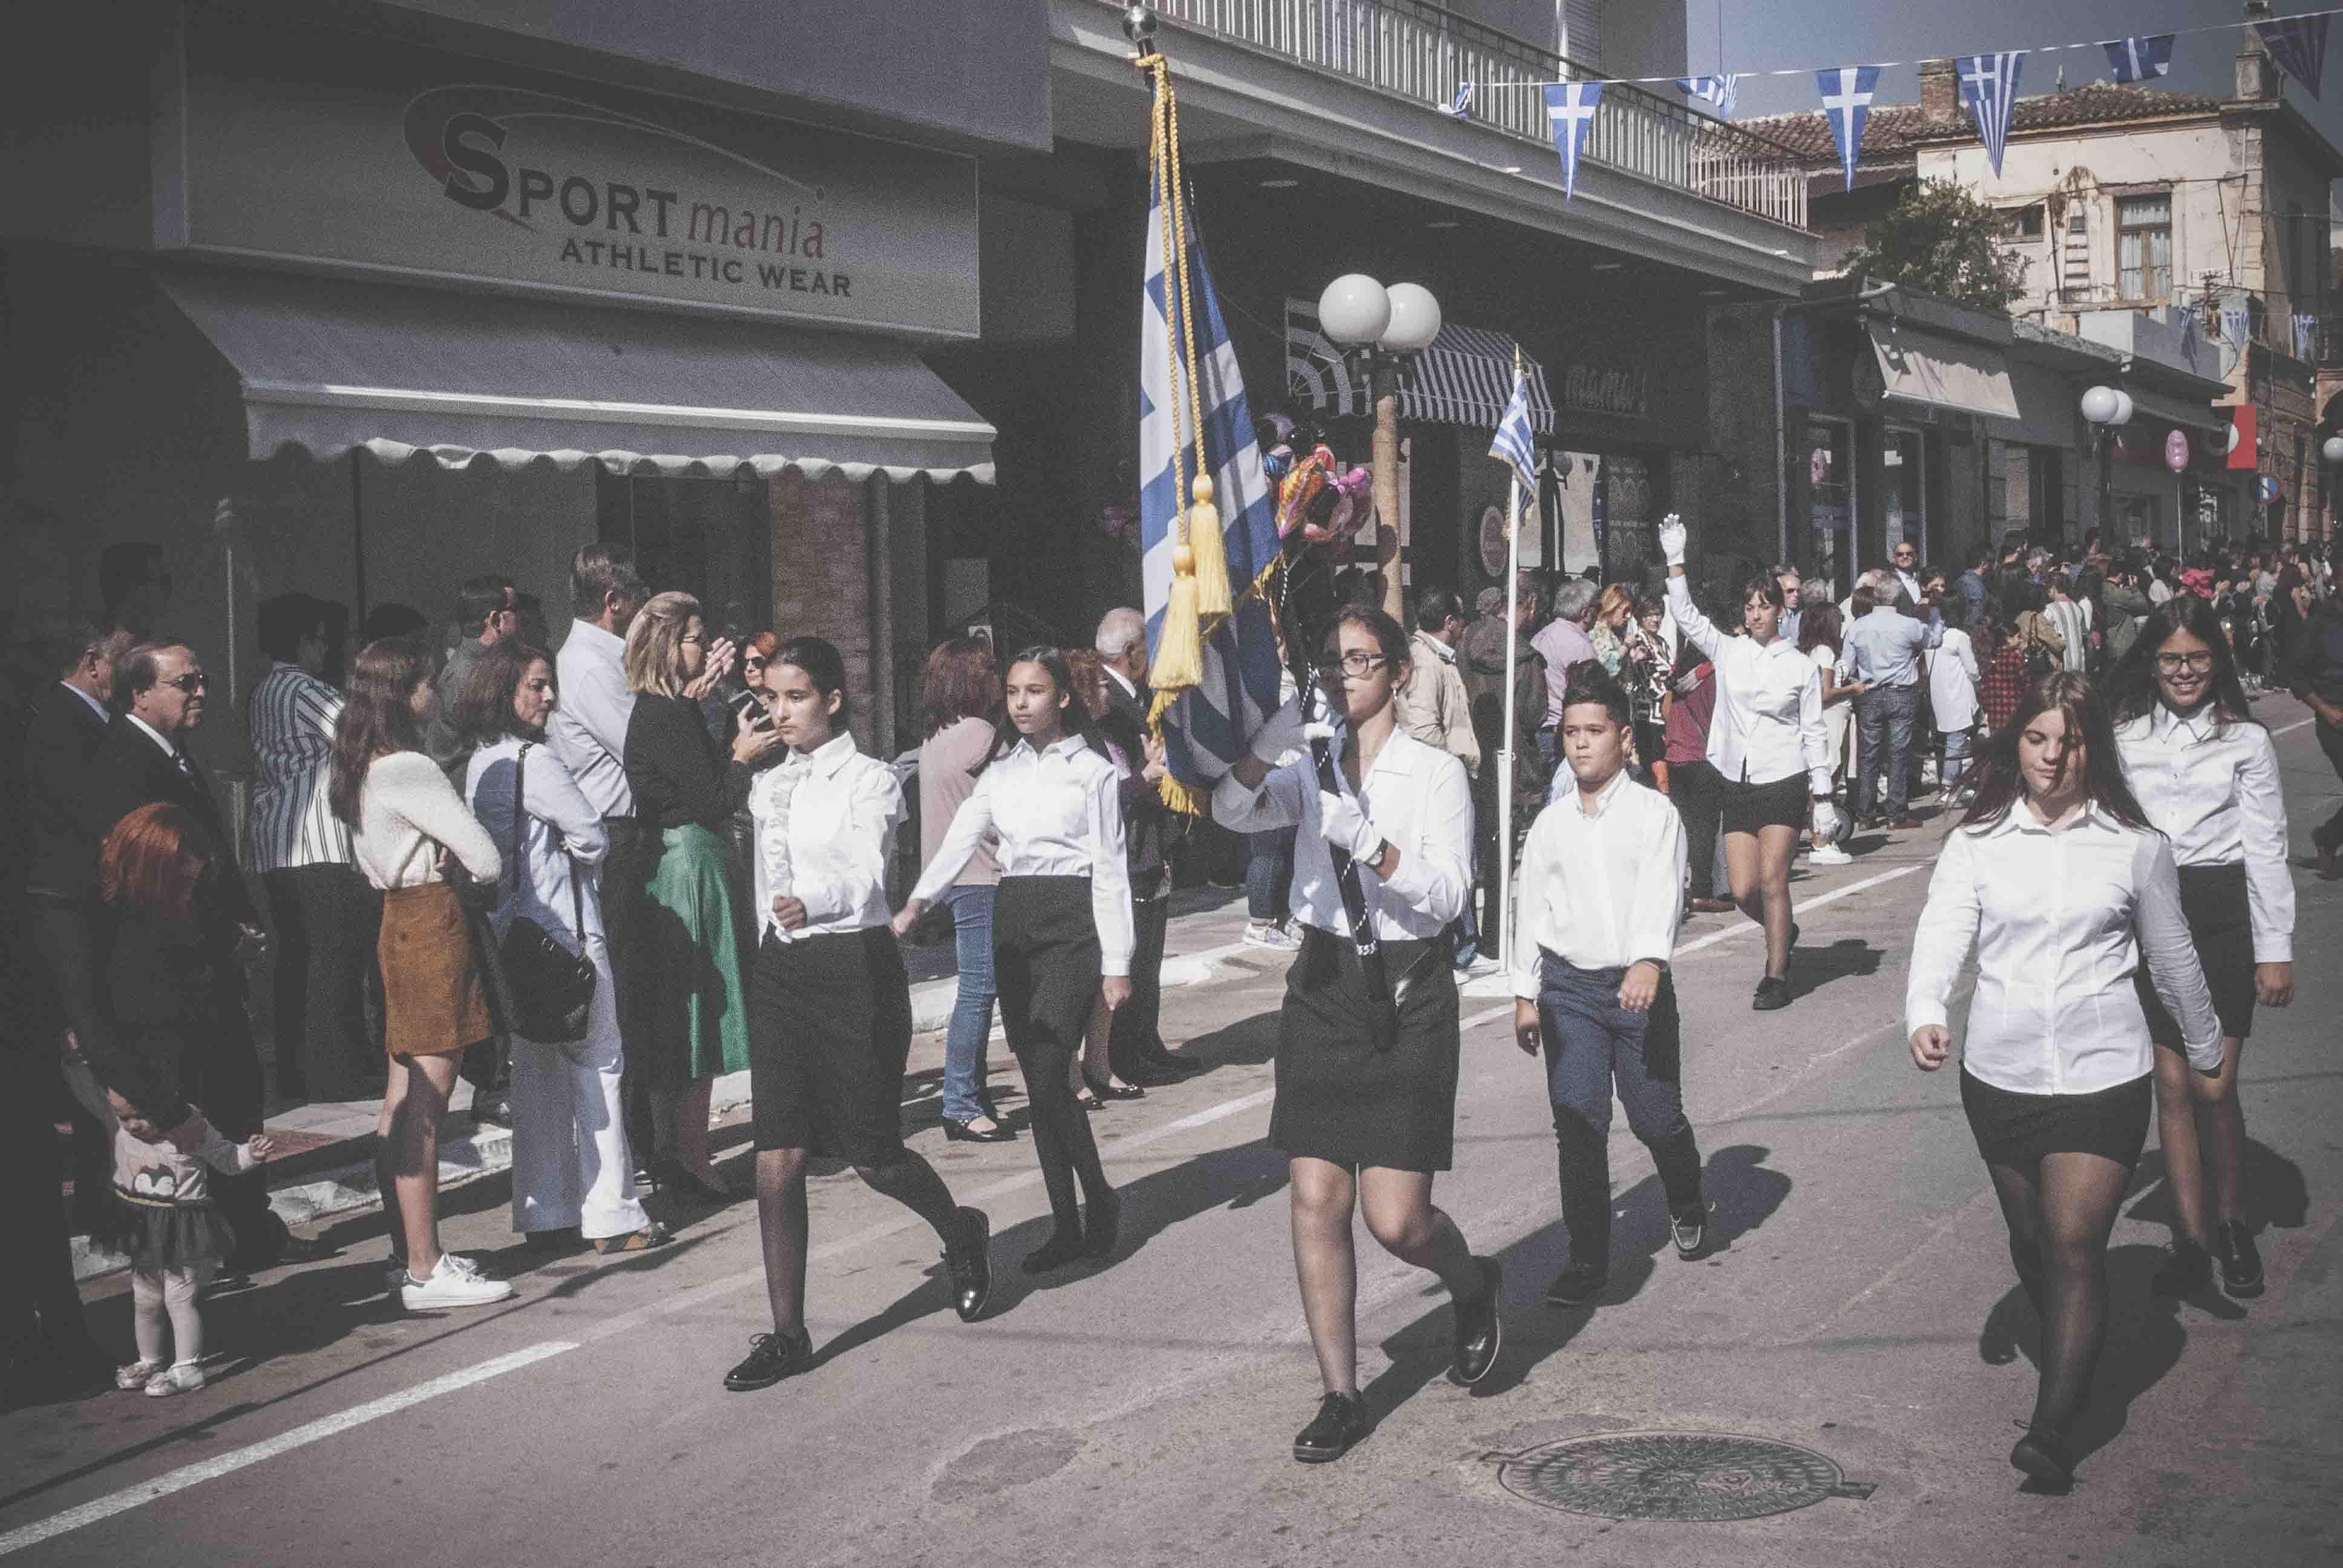 Φωτογραφικό υλικό από την παρέλαση στα Ψαχνά Φωτογραφικό υλικό από την παρέλαση στα Ψαχνά DSC 0389